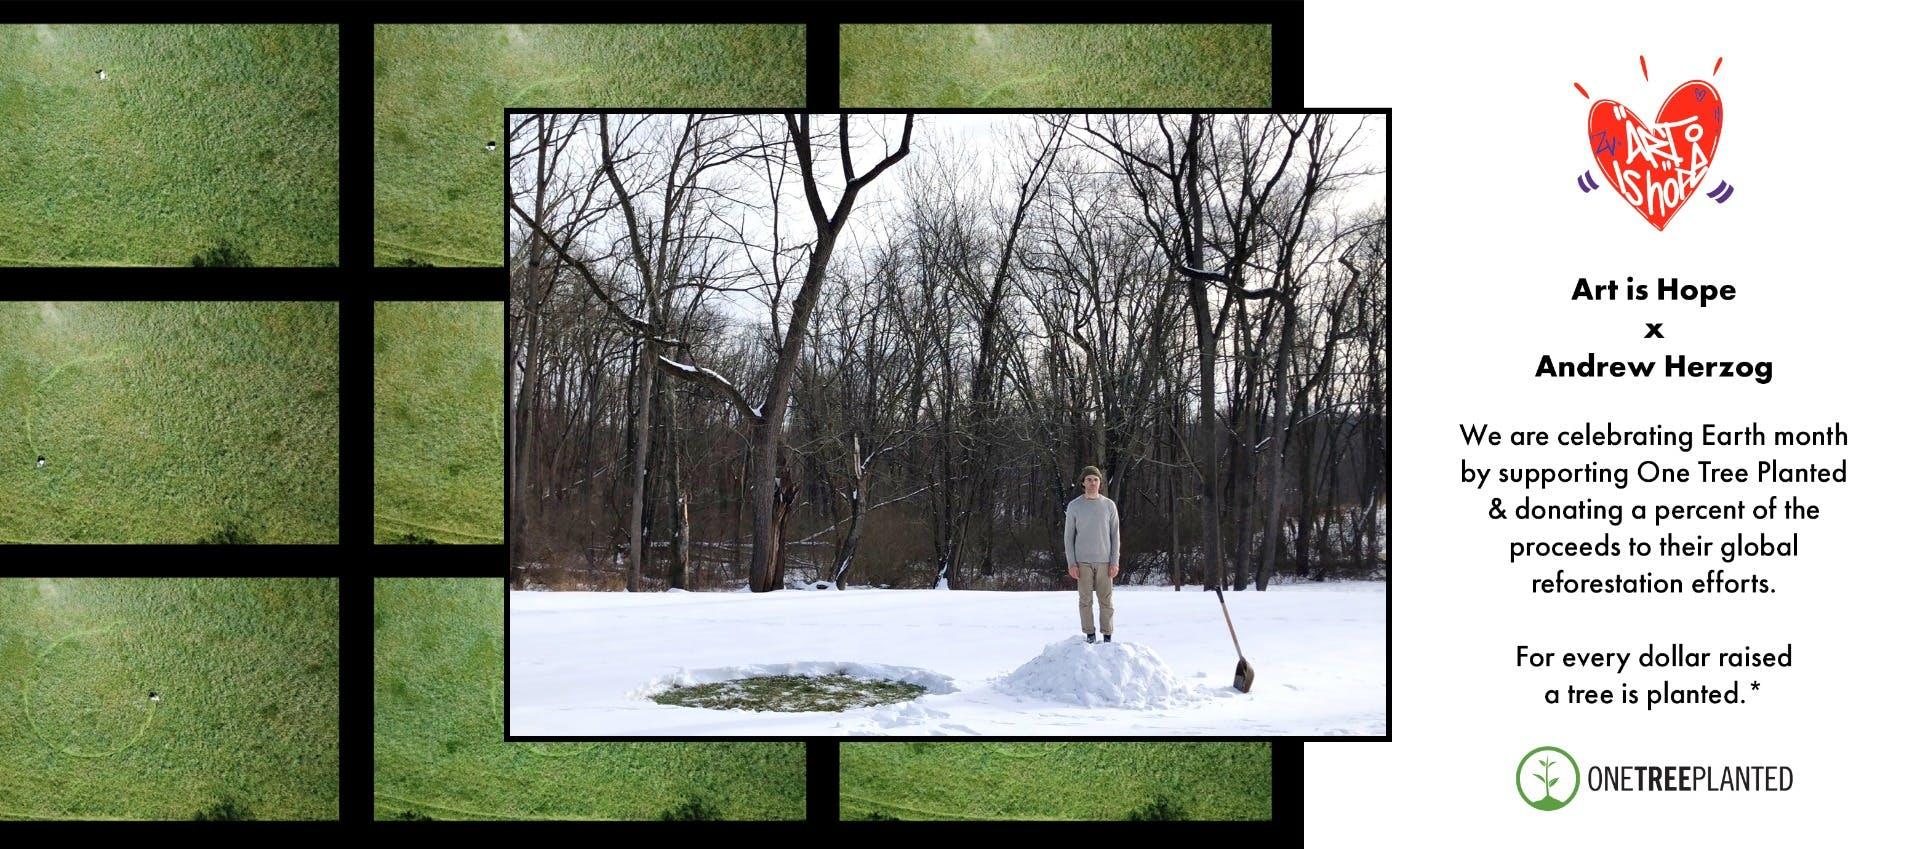 Art Is Hope Introducing Artis Andrew Herzog  Banner